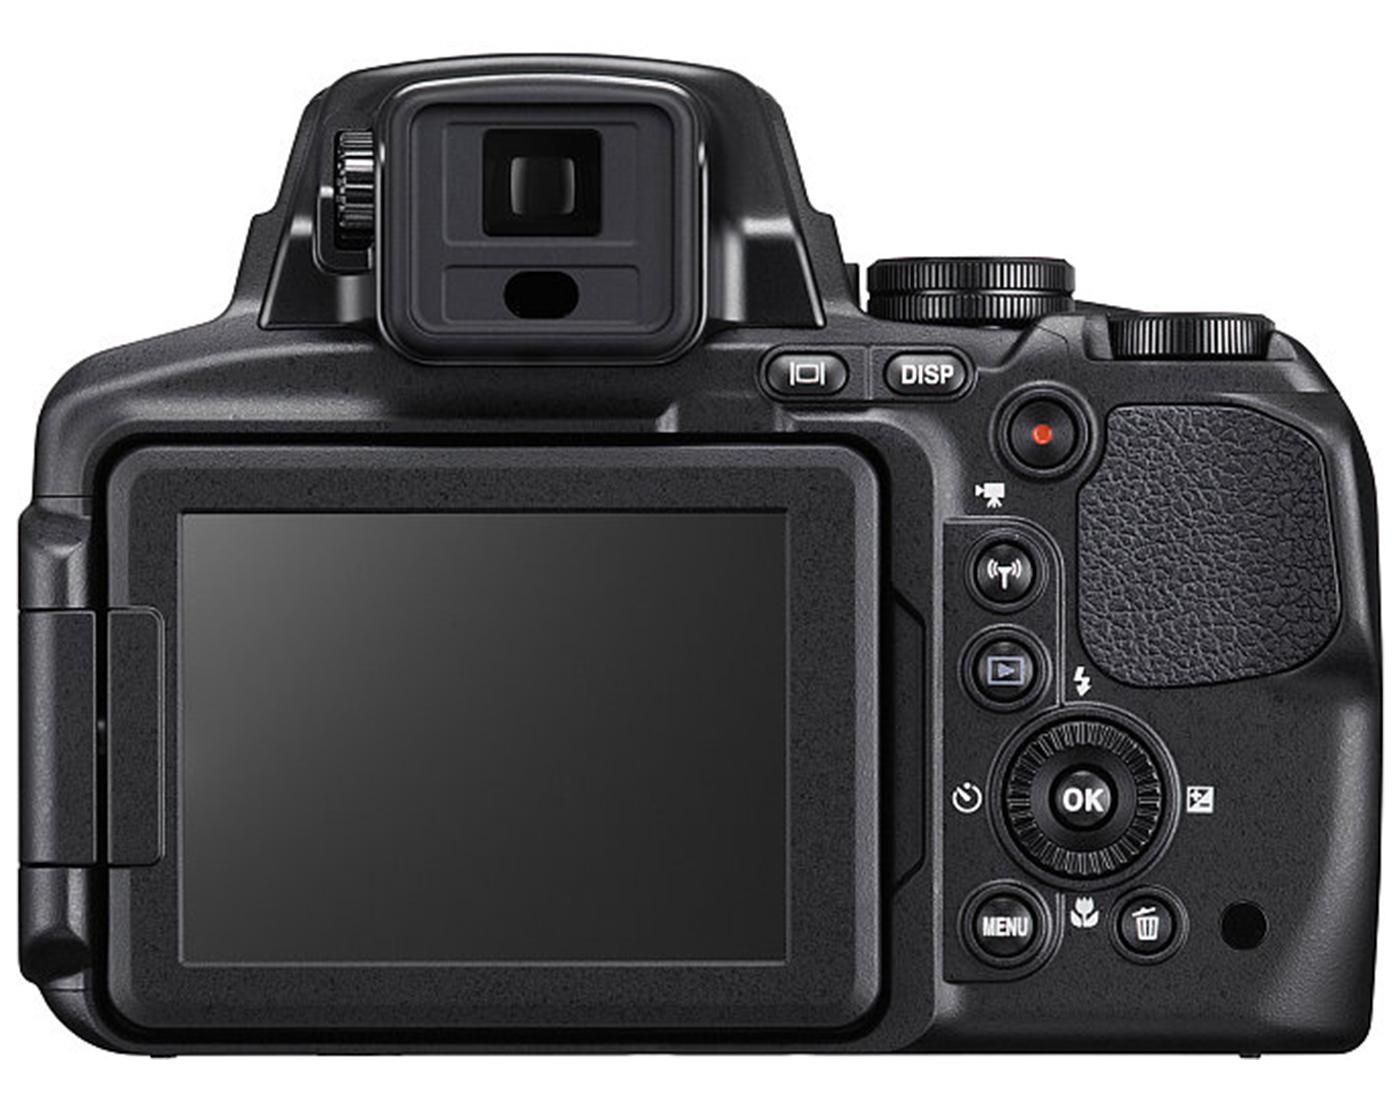 Nikon COOLPIX P900 Back Cameraplex